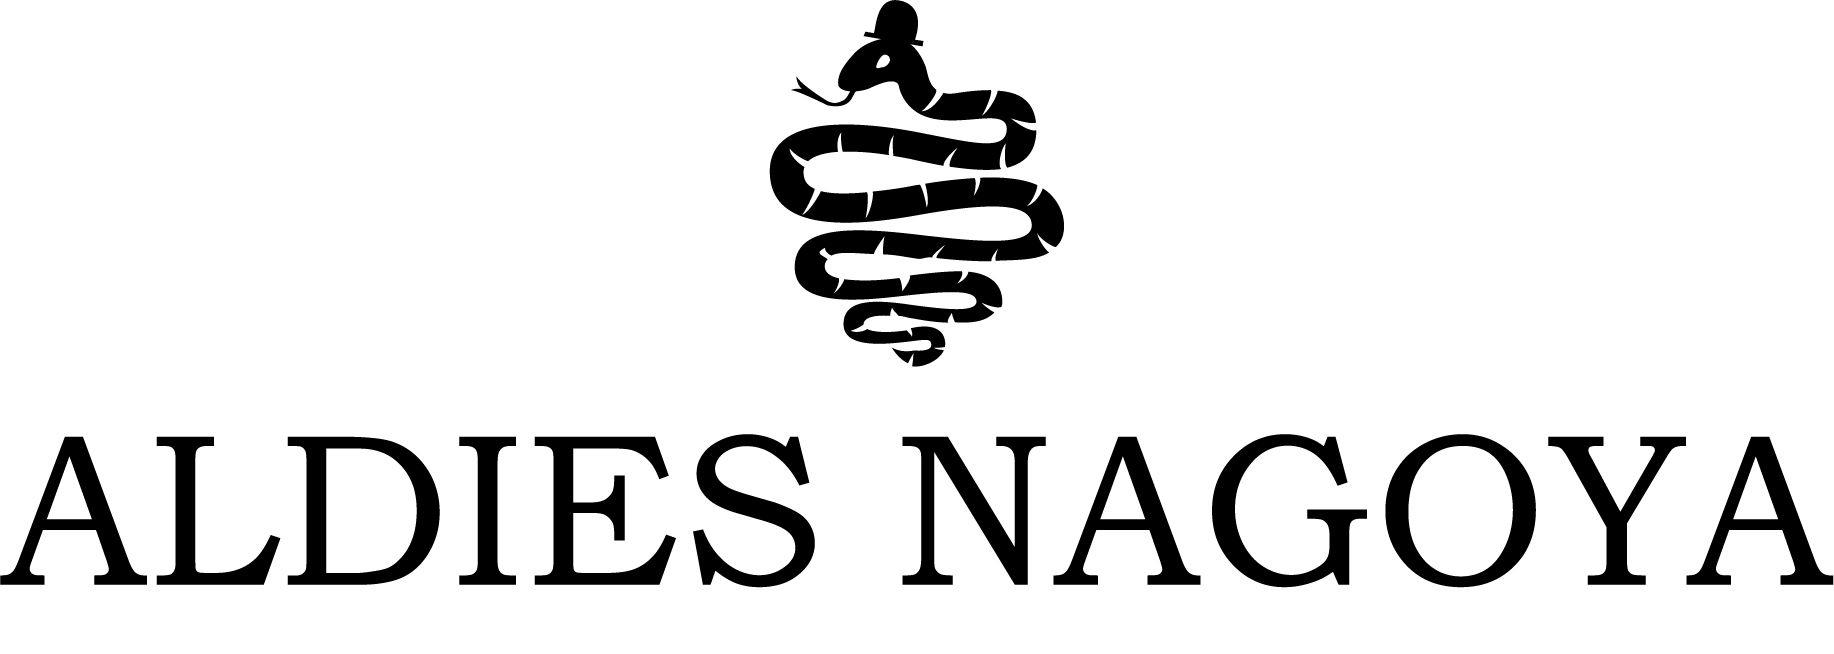 ALDIES NAGOYA